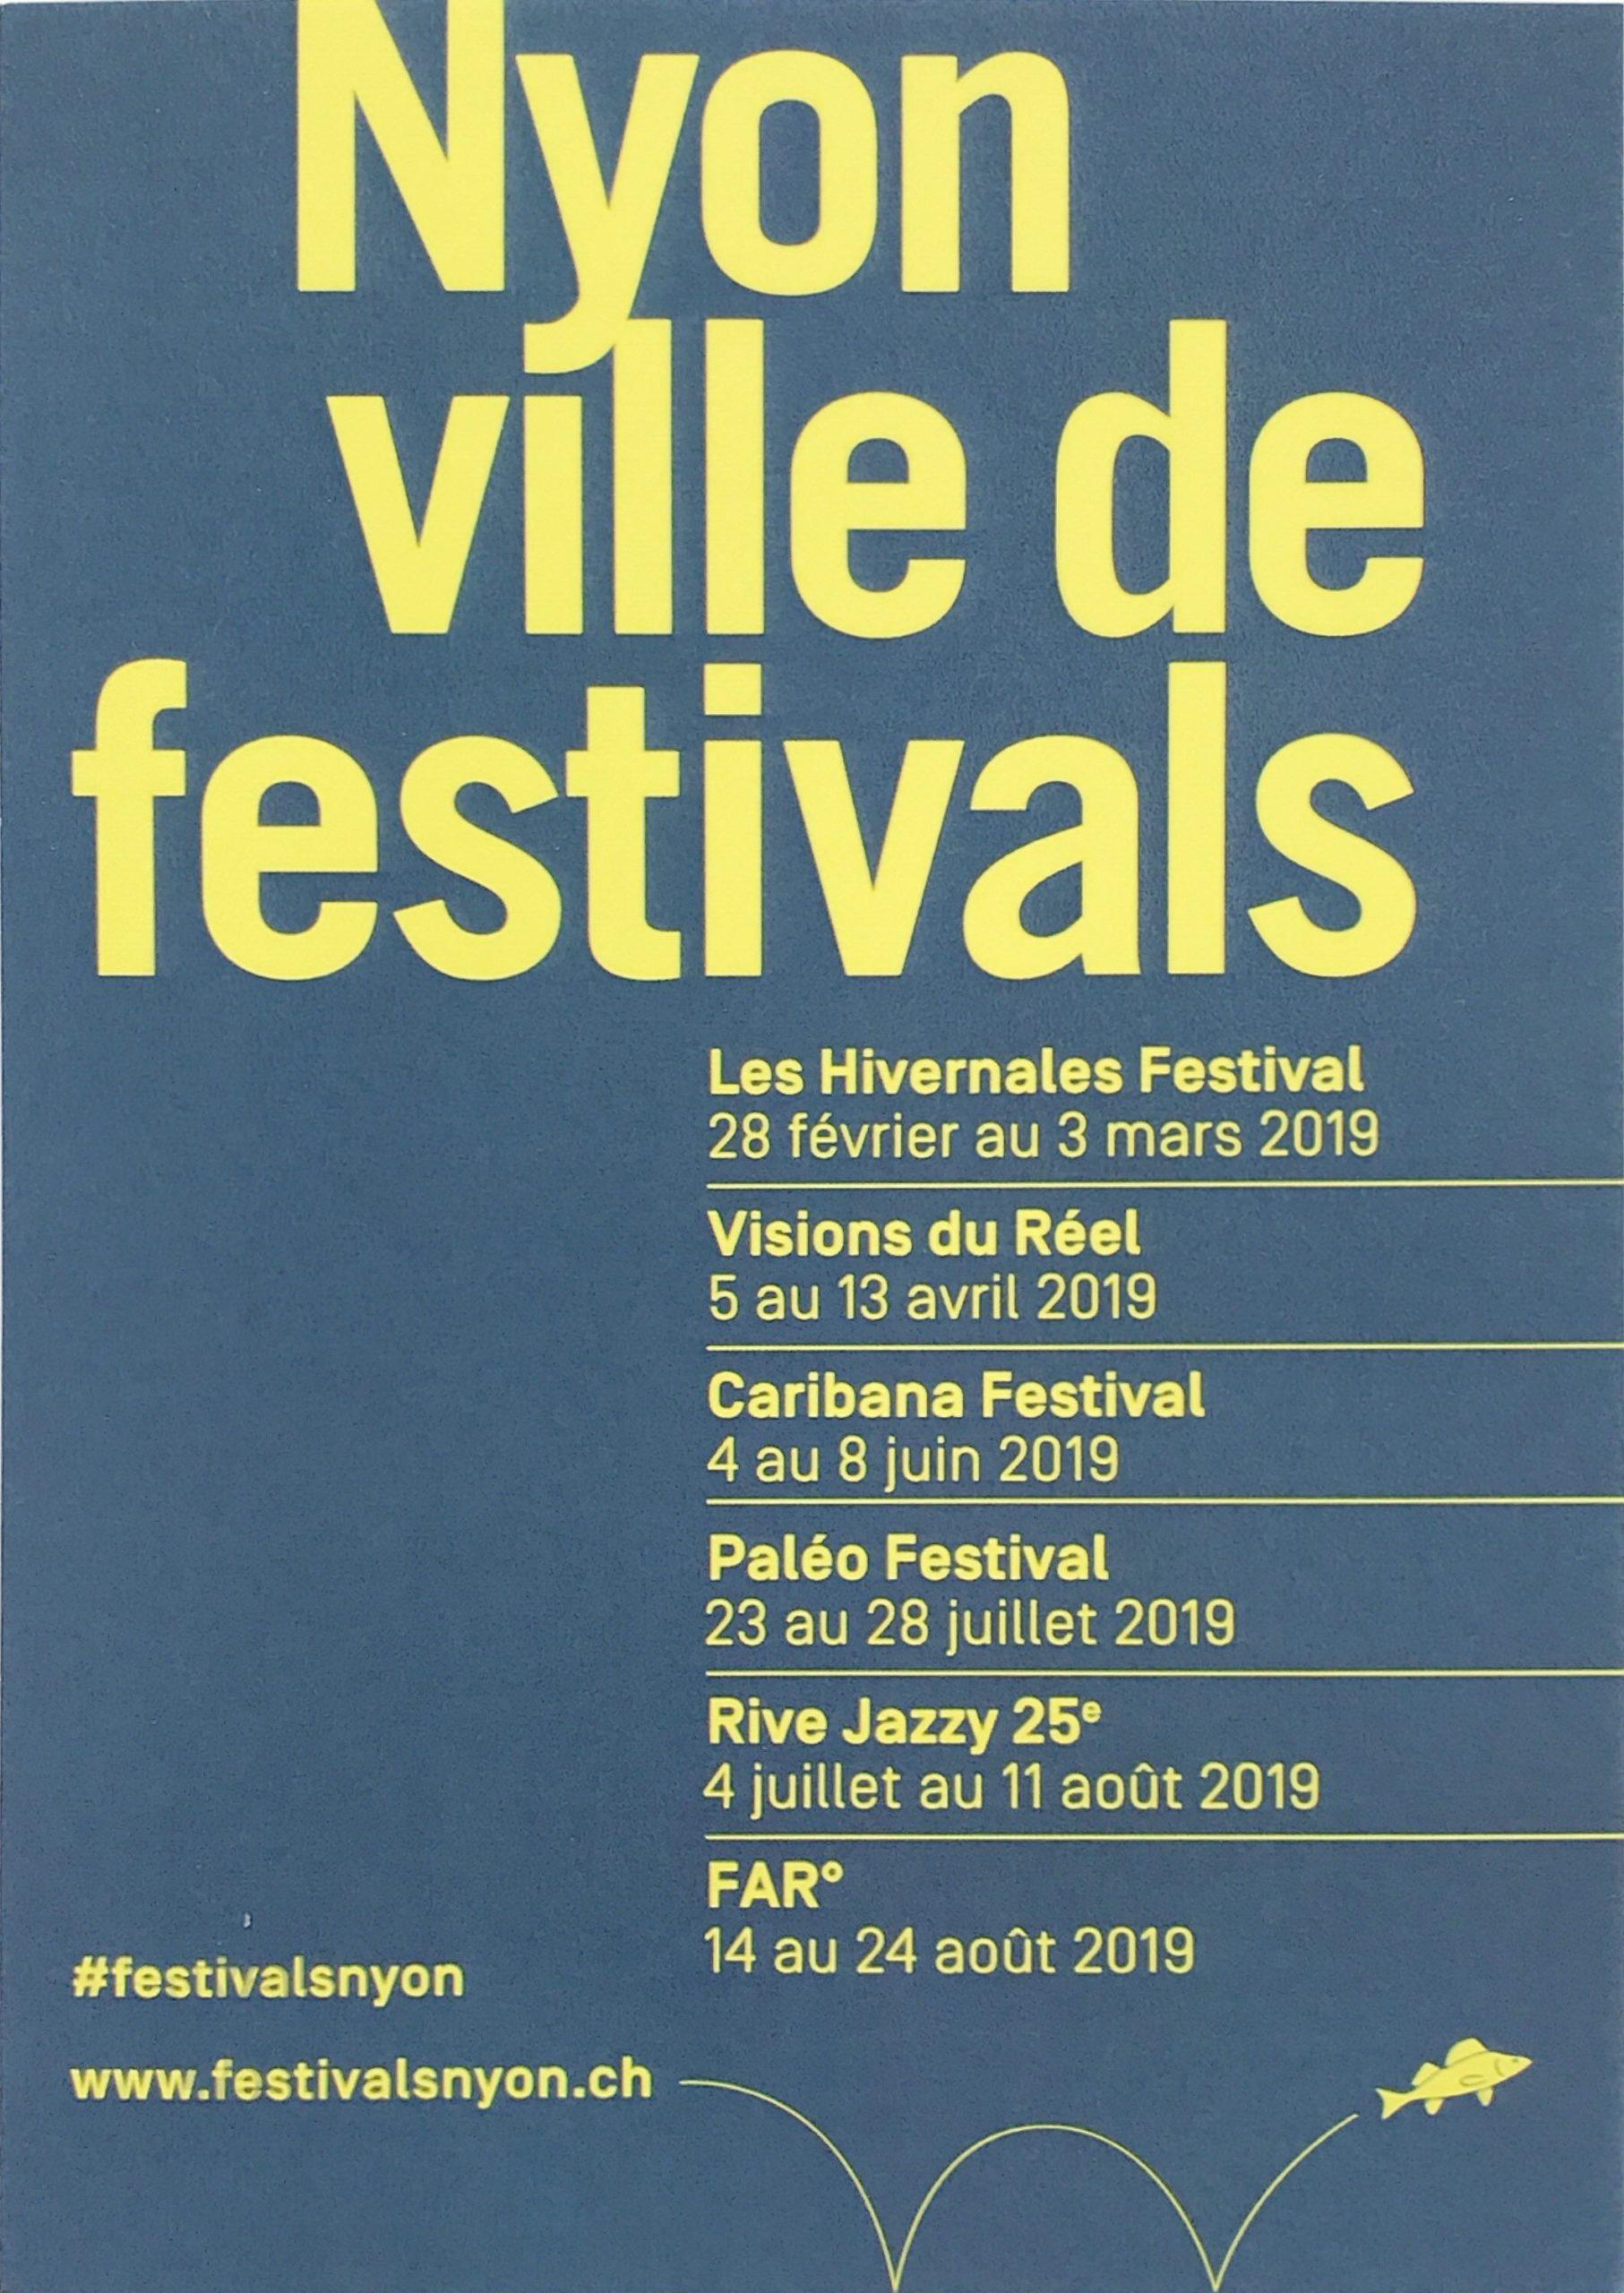 Nyon ville de festivals 2019